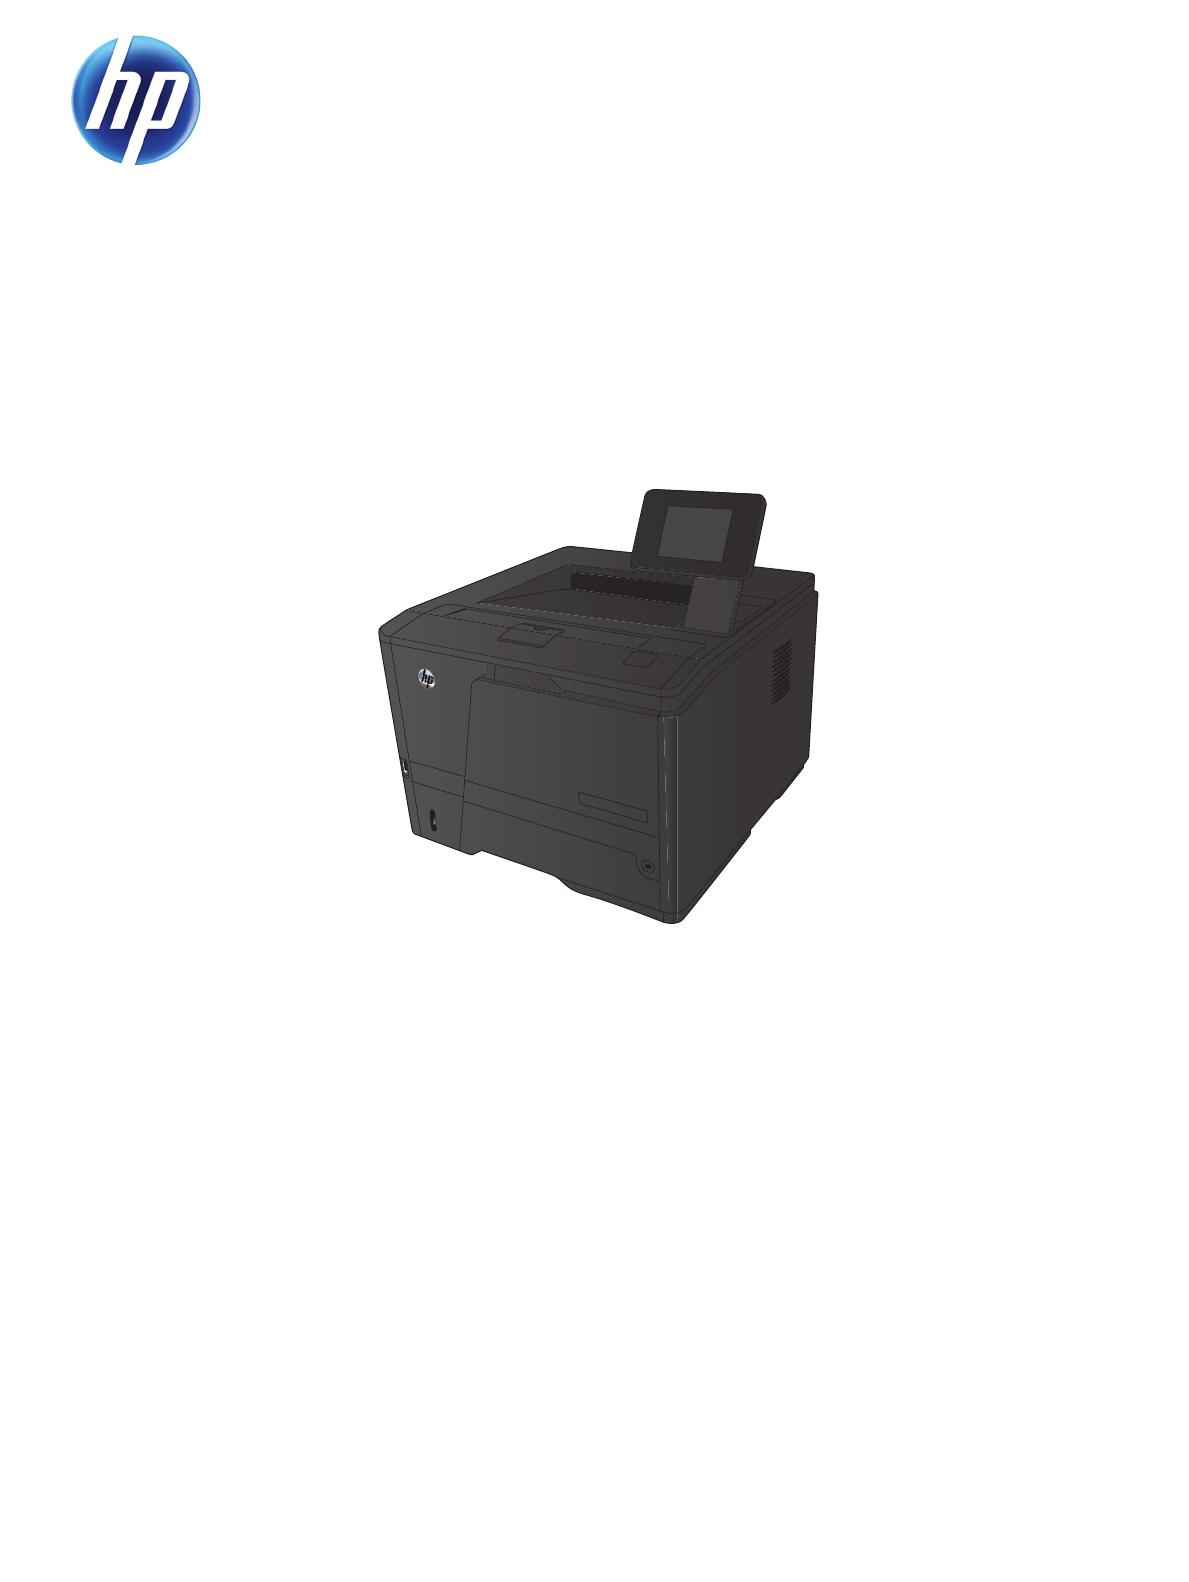 hp laserjet pro 400 m425dn service manual